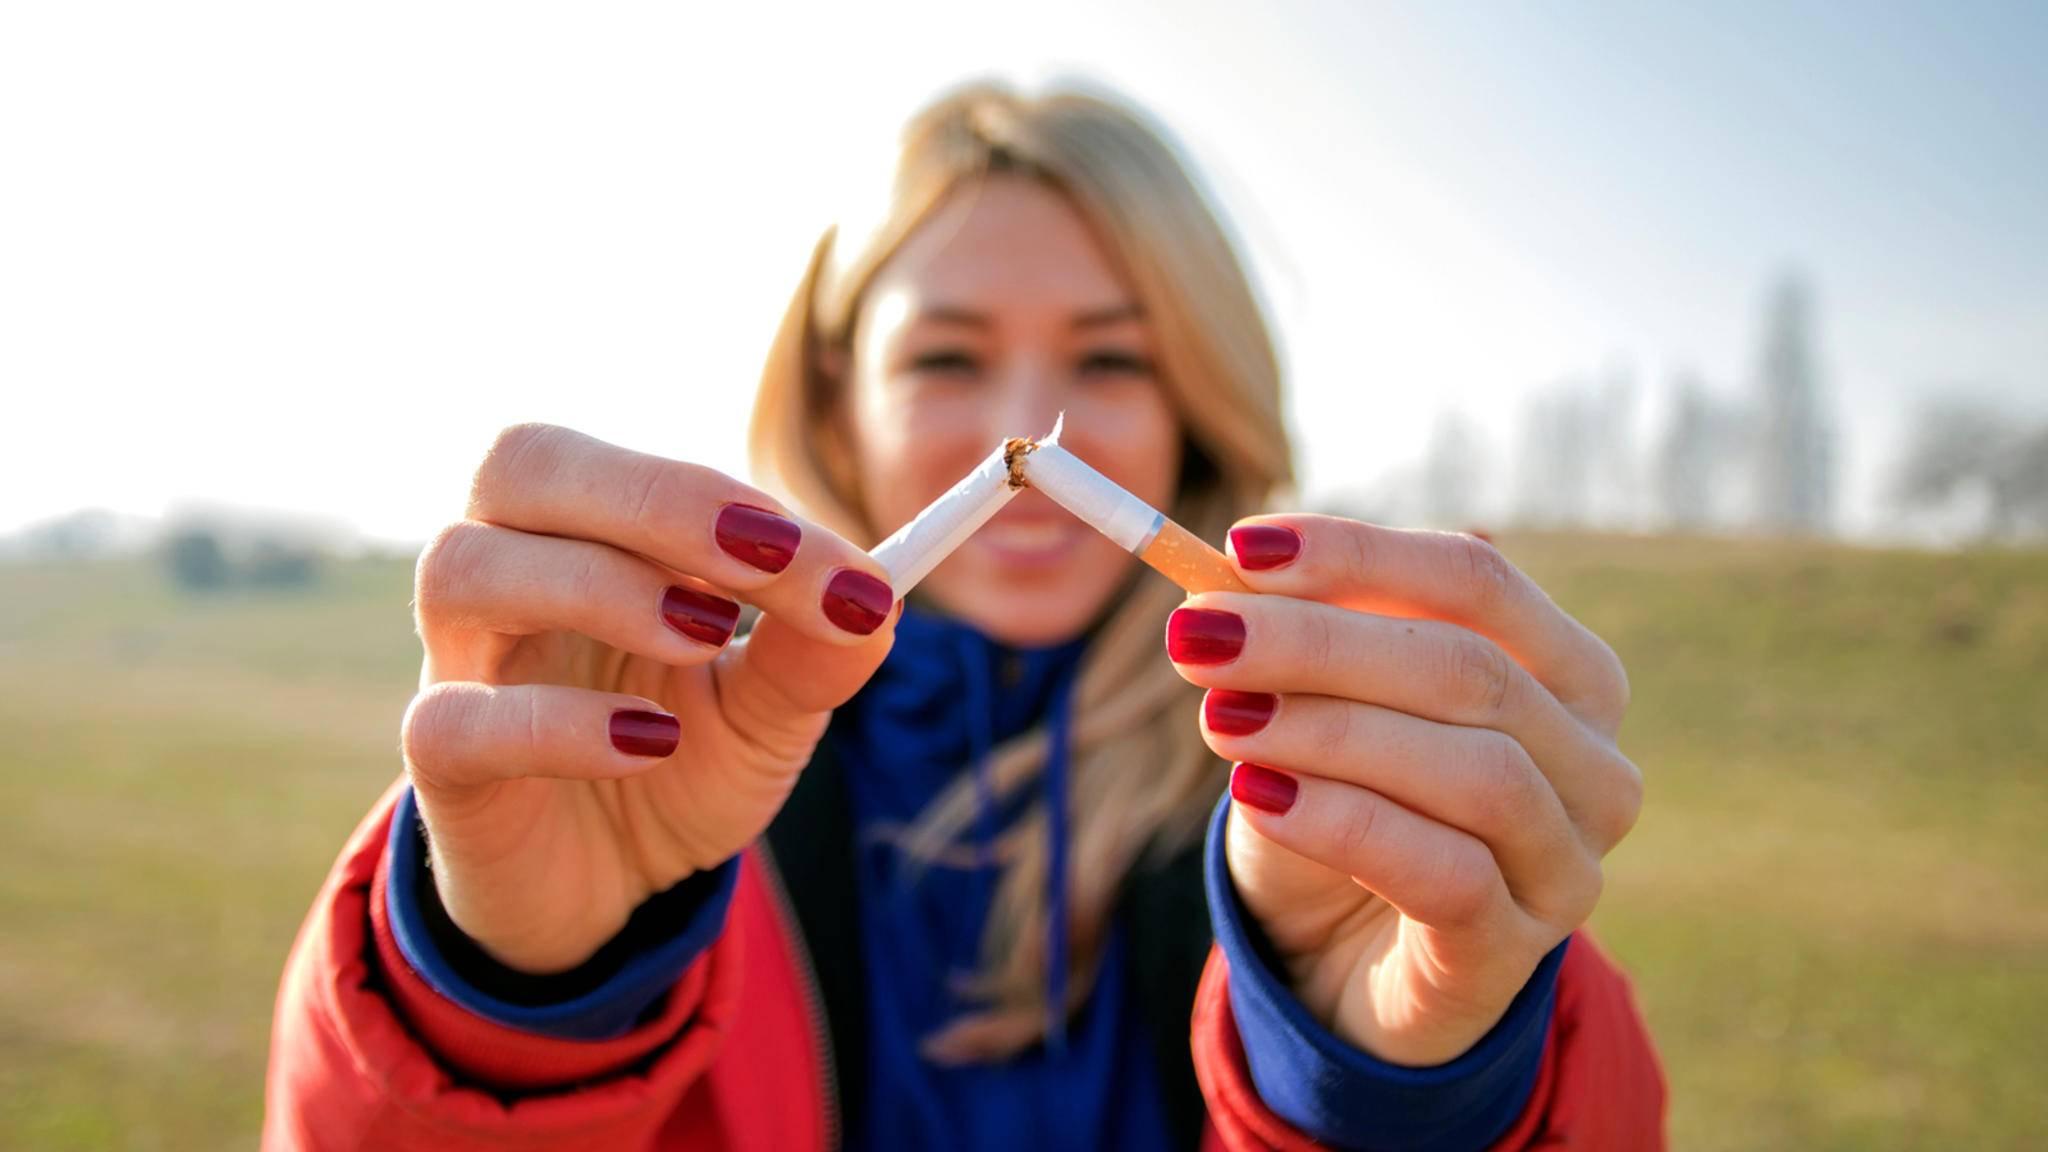 Möchtest Du auch mit dem Rauchen aufhören? Diese App könnte Dir dabei helfen.